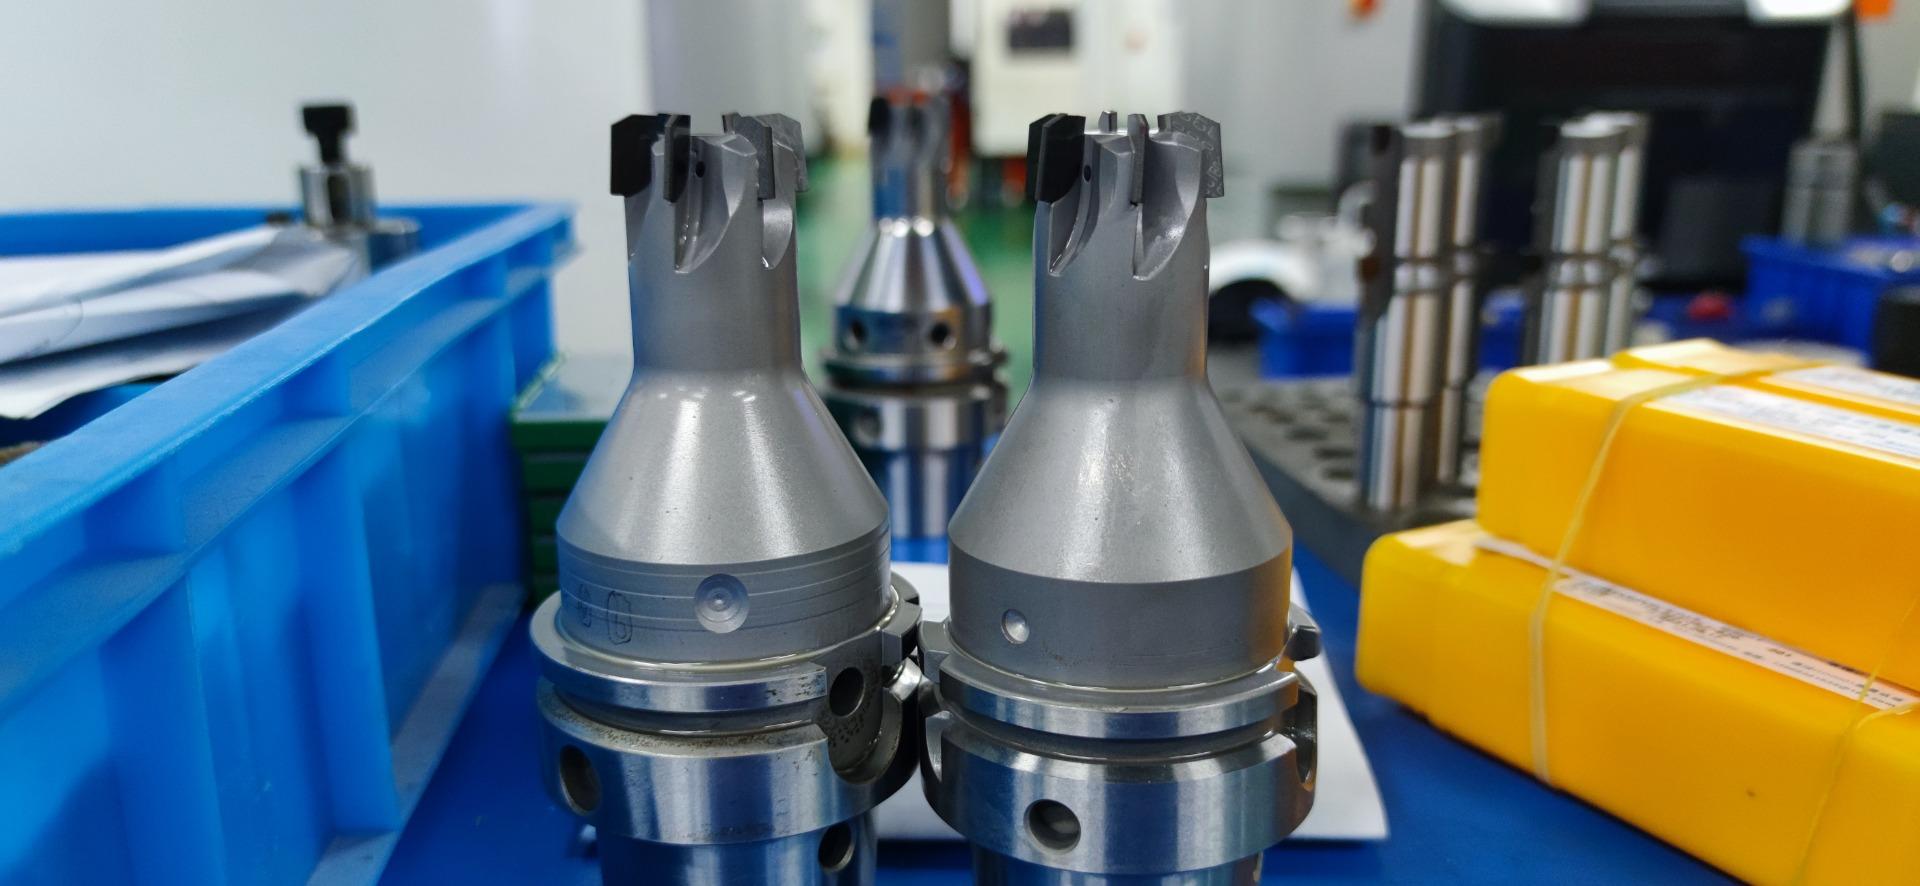 超硬刀具符合制造业的高速发展趋势